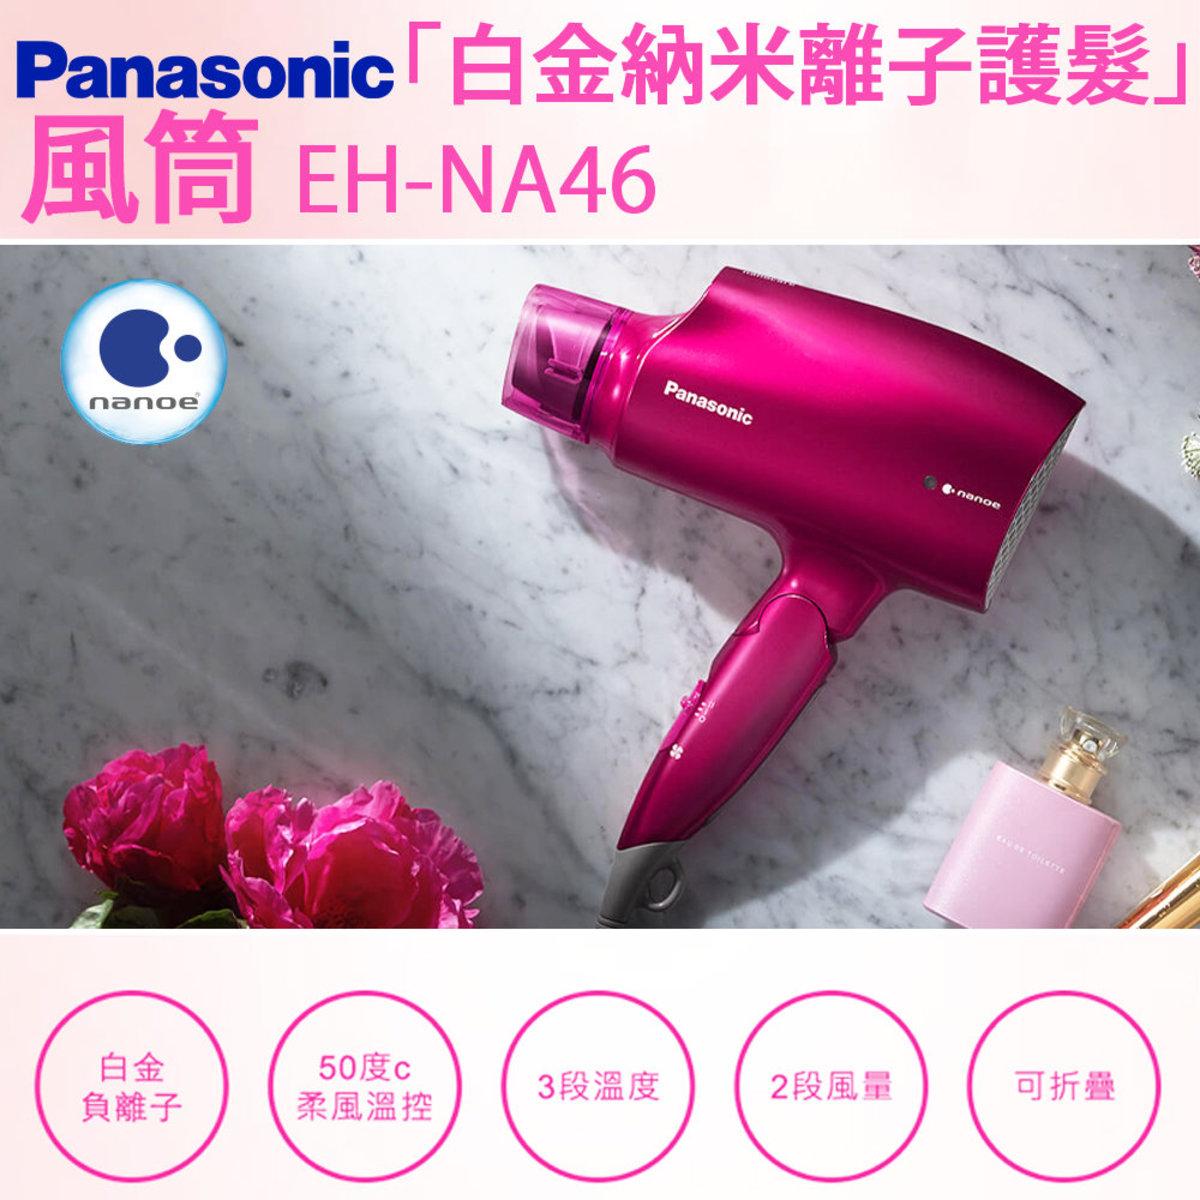 Platinum nanoe™ Hair Dryer EH-NA46 (Pink)